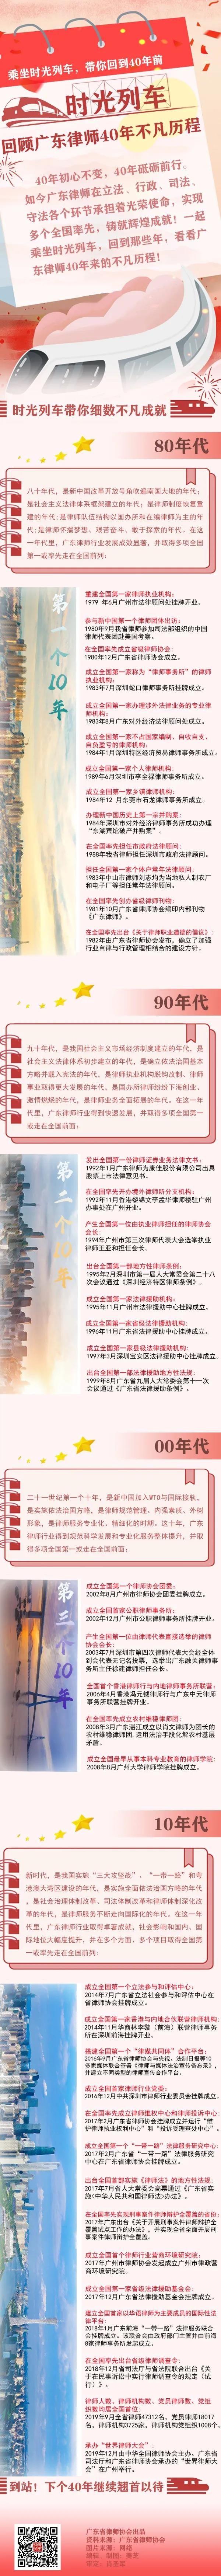 广东律师人数占全国律师总数11%